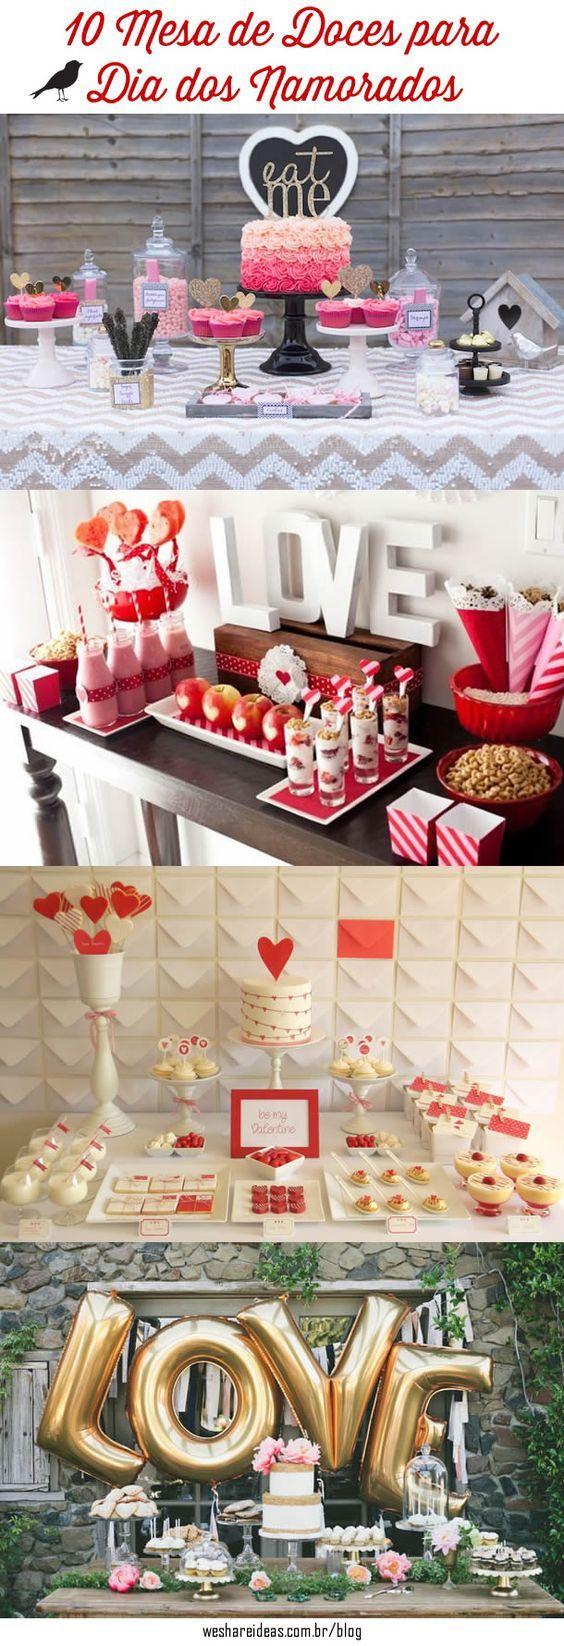 10 Mesas de Doces para Dia dos Namorados/ Valentine's Day.